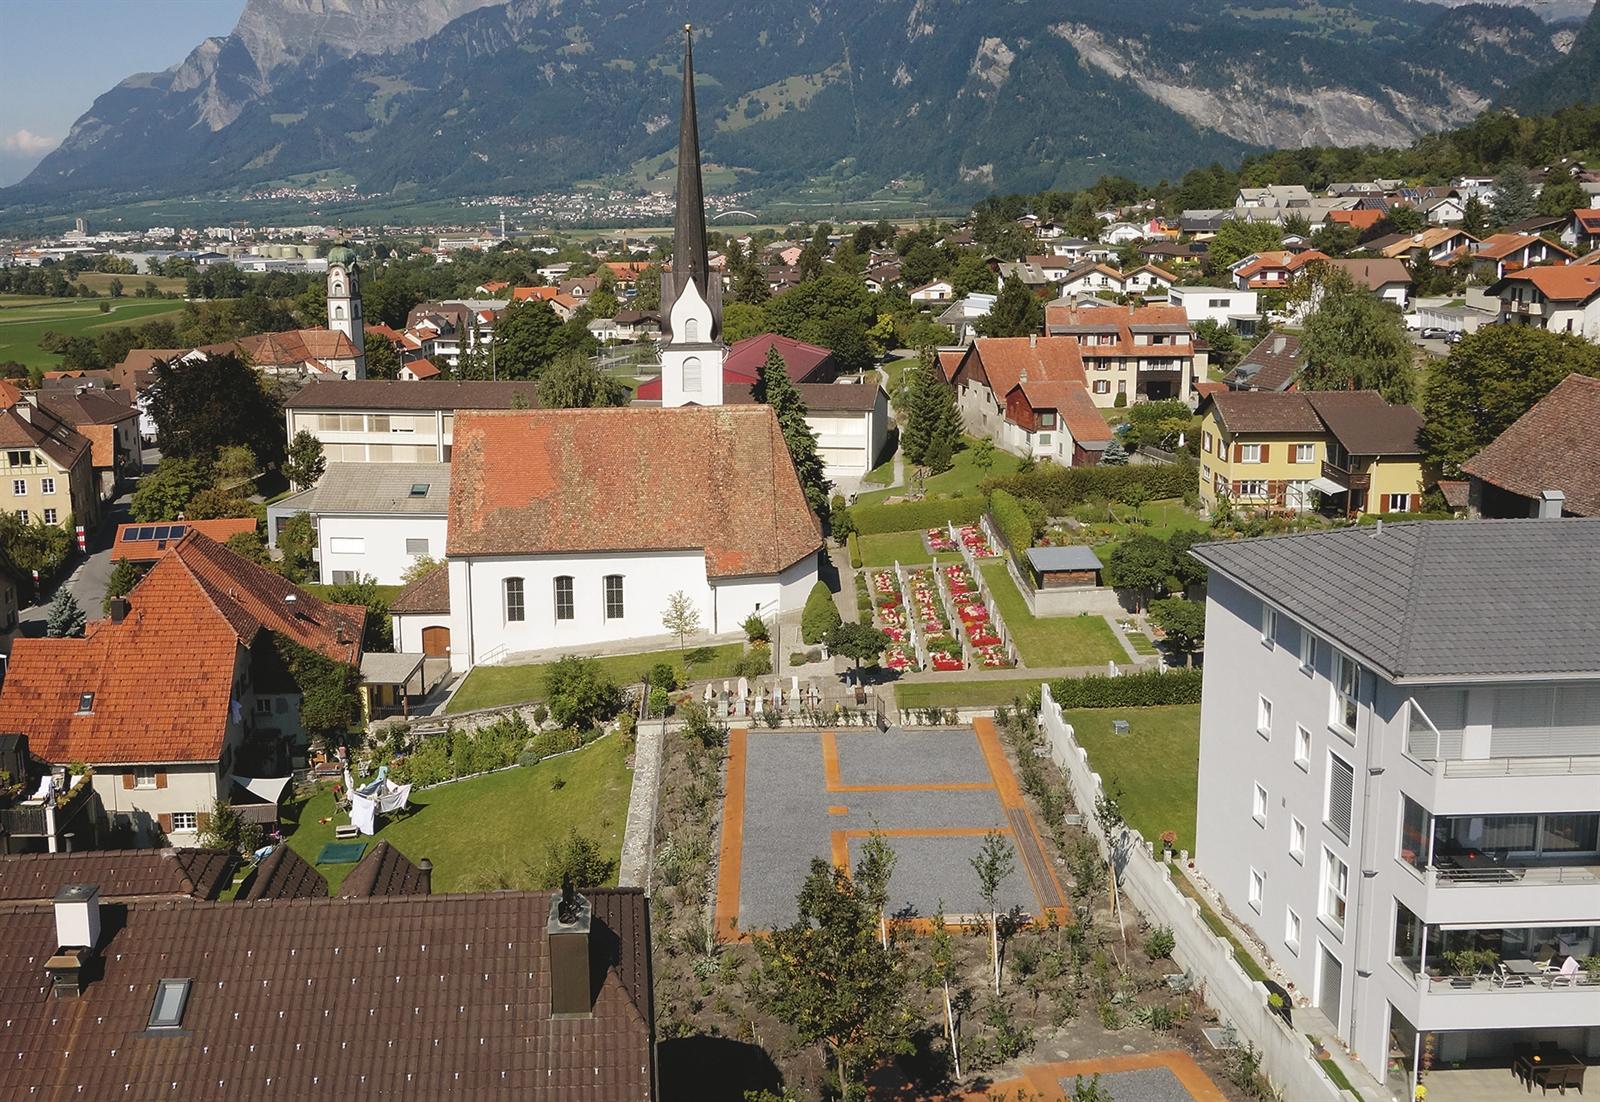 Der Königshof von Zizers - Eröffnung des Archäologischen